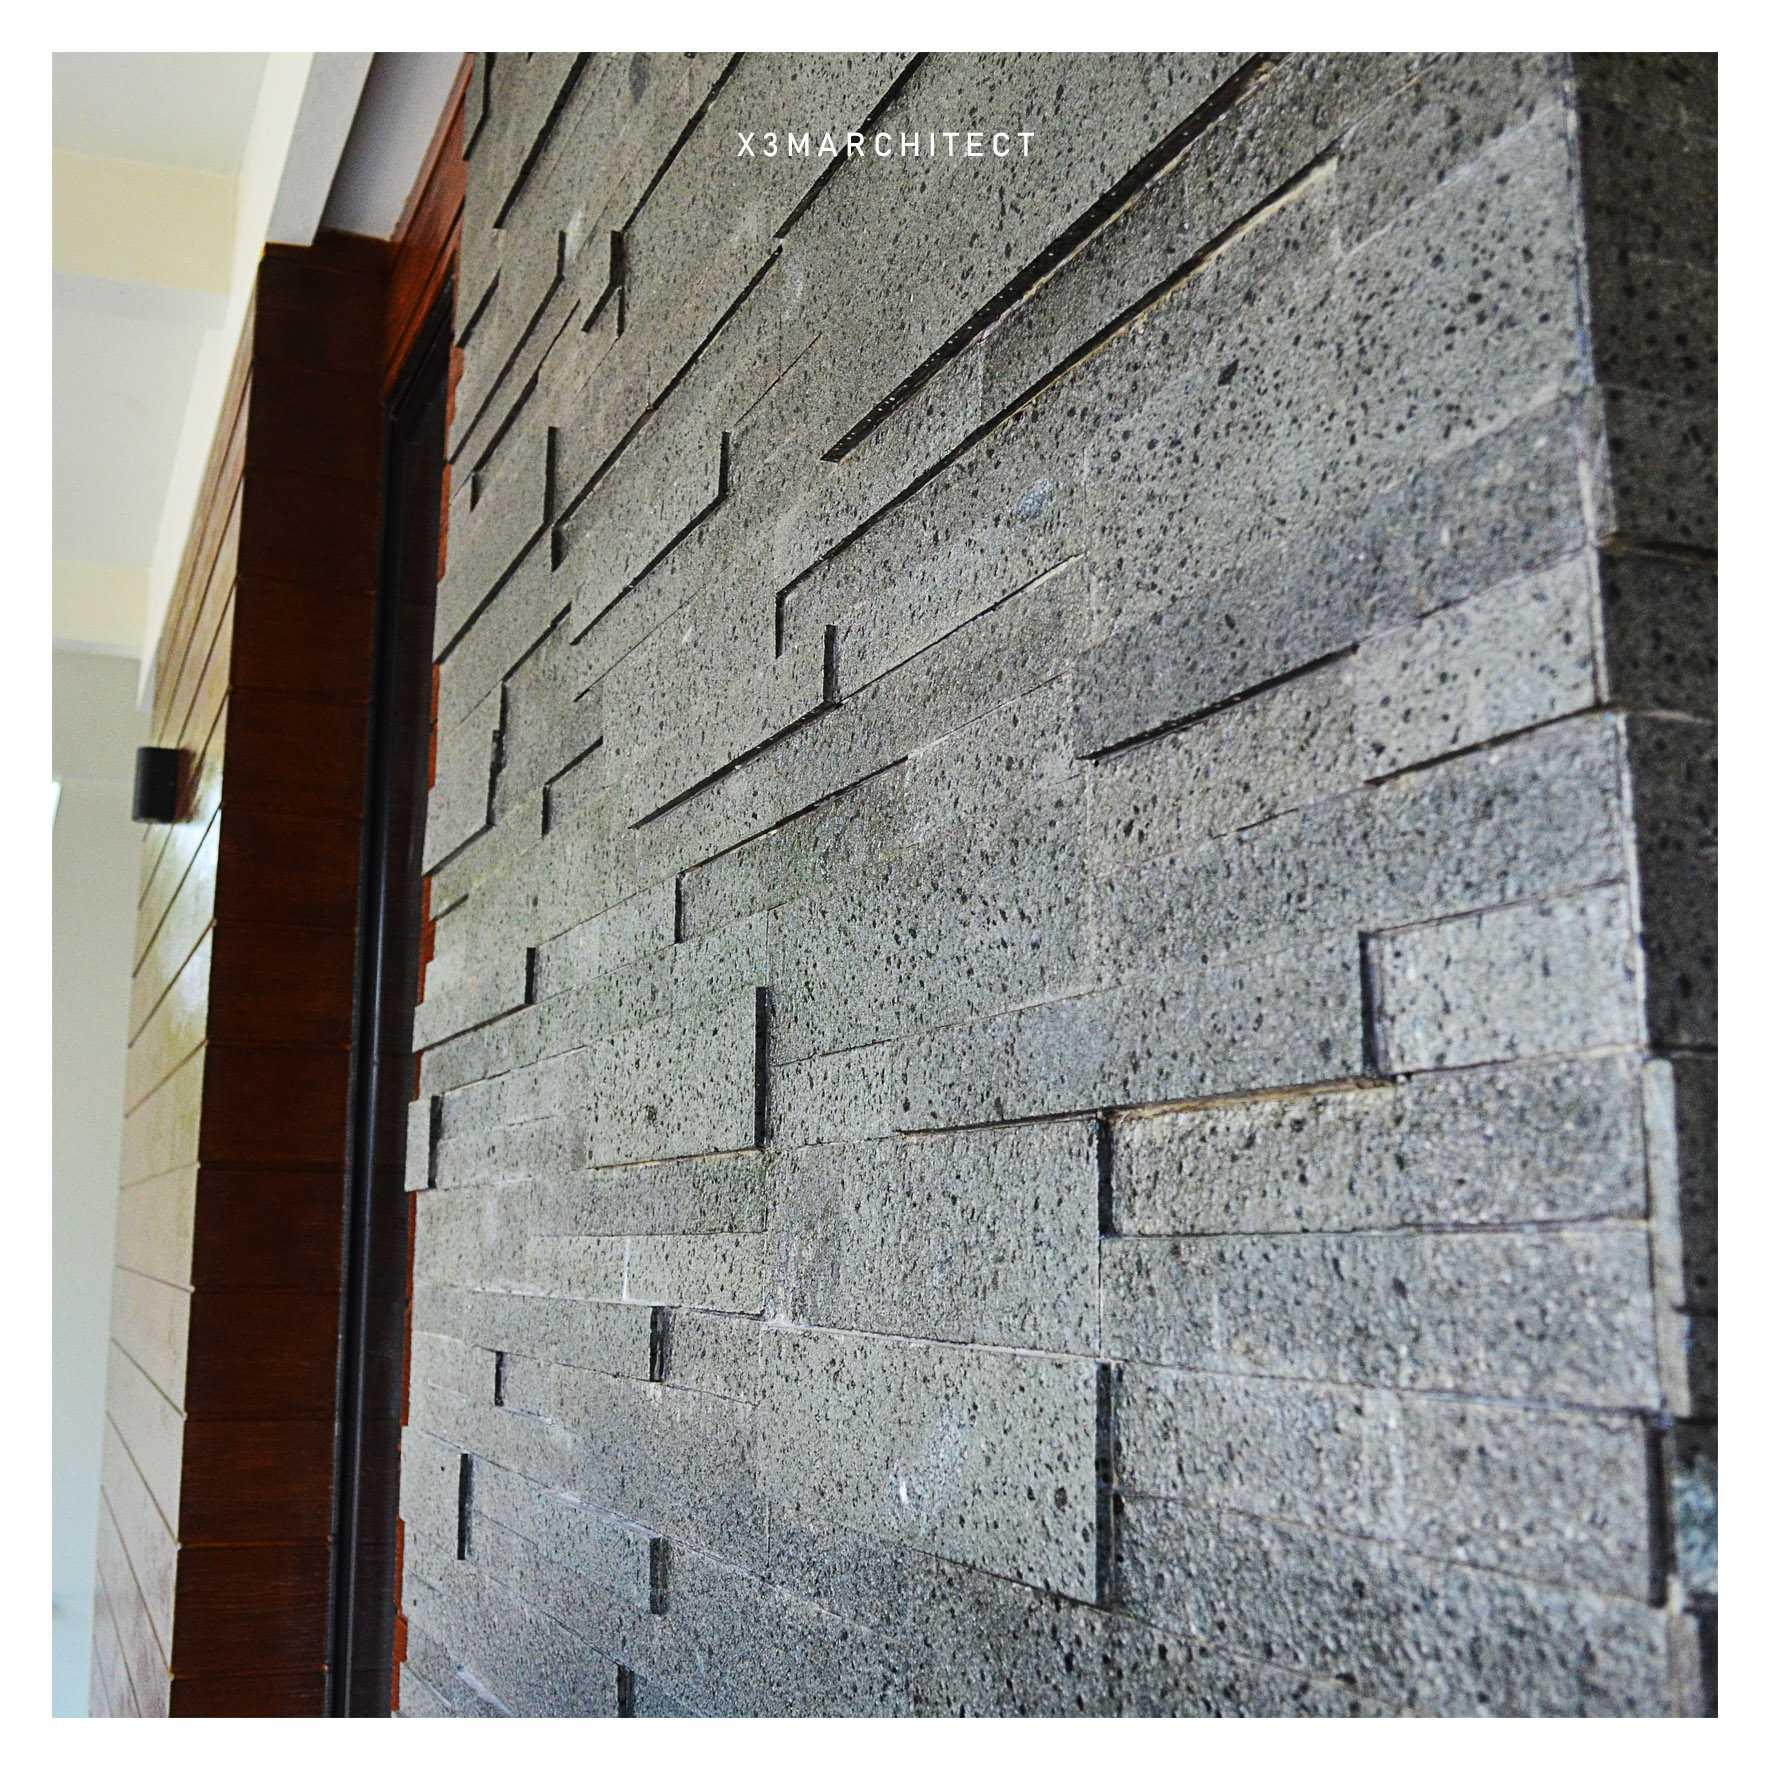 X3M Architects Nittaya A5 1 House Sampora, Kec. Cisauk, Tangerang, Banten 15345, Indonesia Sampora, Kec. Cisauk, Tangerang, Banten 15345, Indonesia X3M-Architects-Nittaya-A5-1  76006